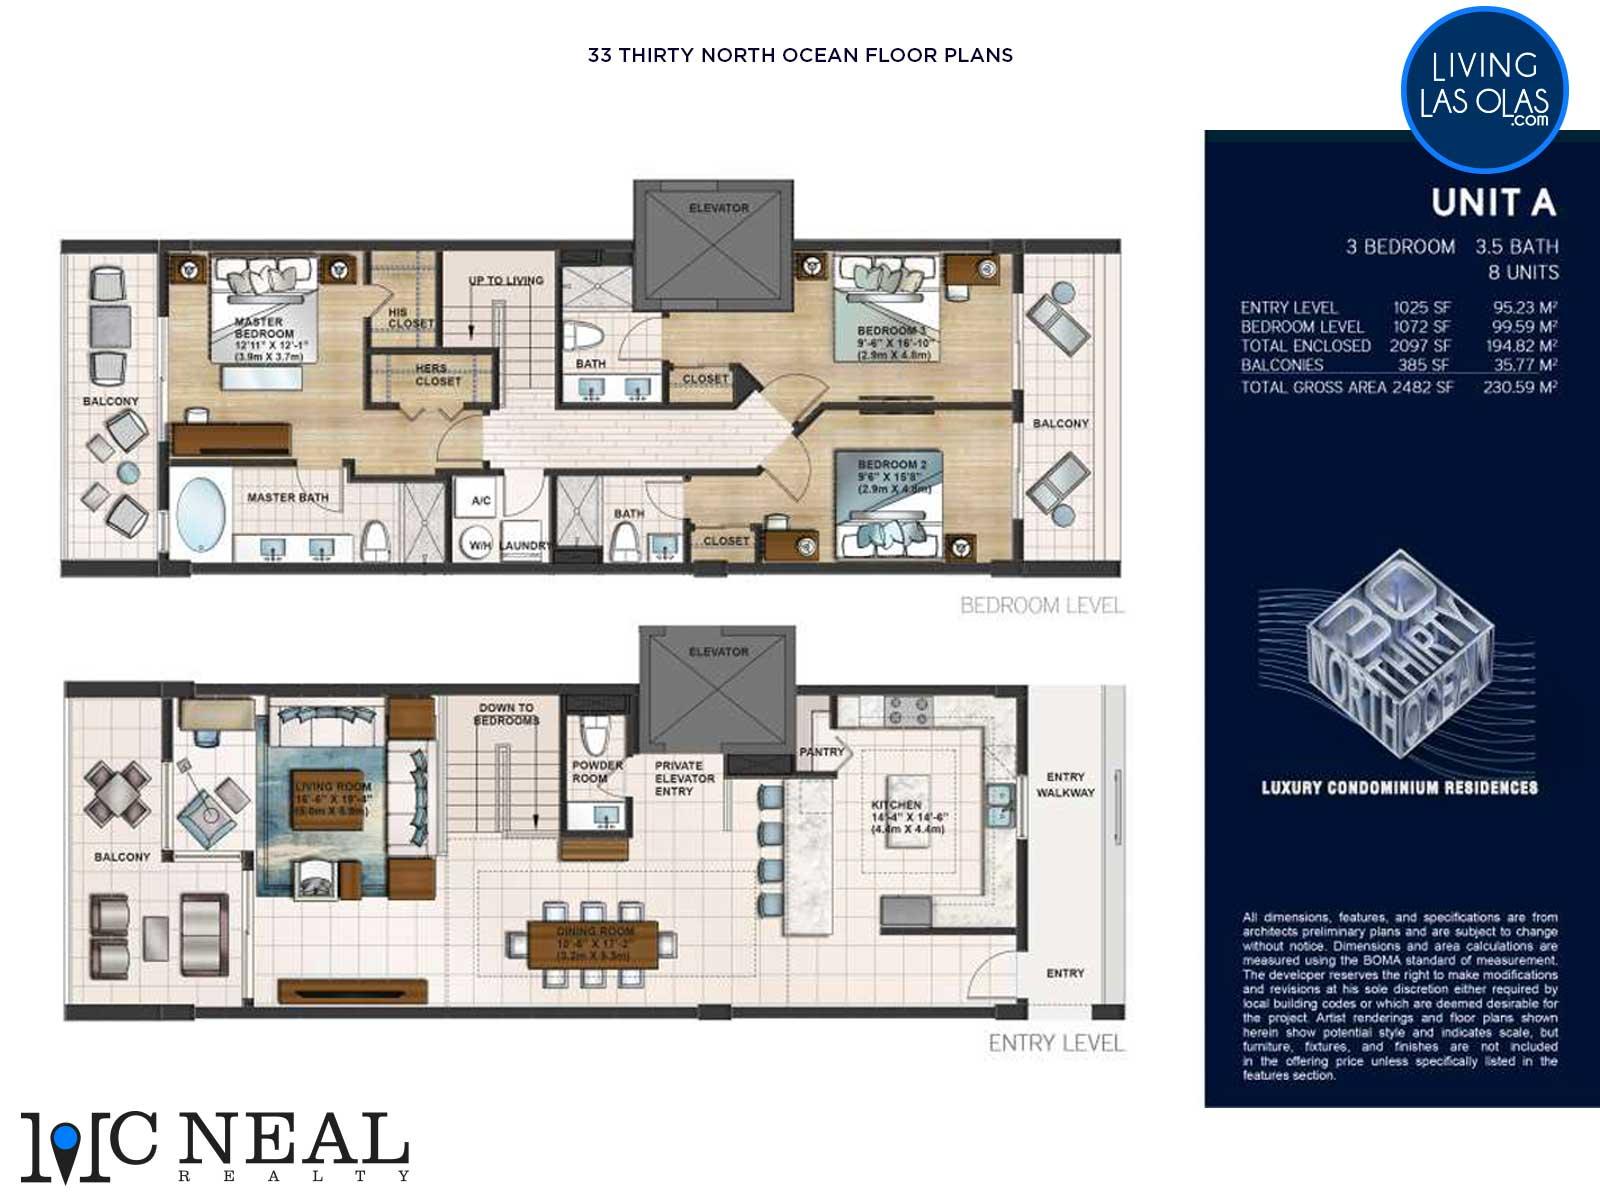 30 Thirty North Ocean Condos Floor Plan A